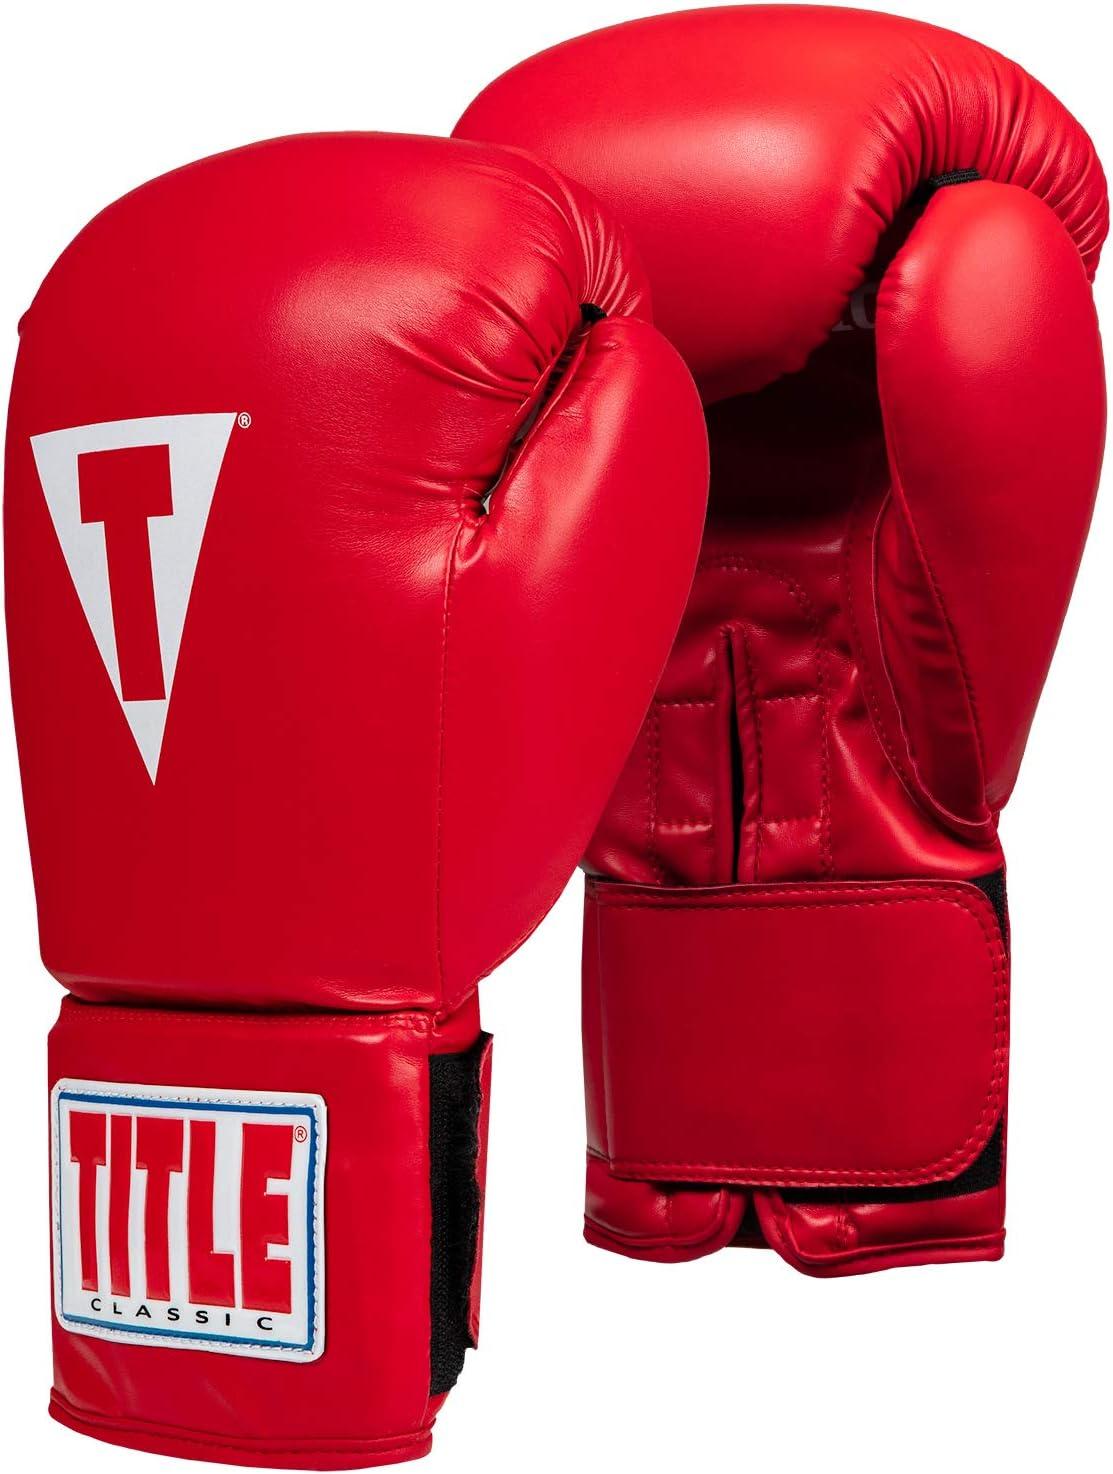 TitleクラシックSuper Bag Gloves 2.0 レッド X-Large